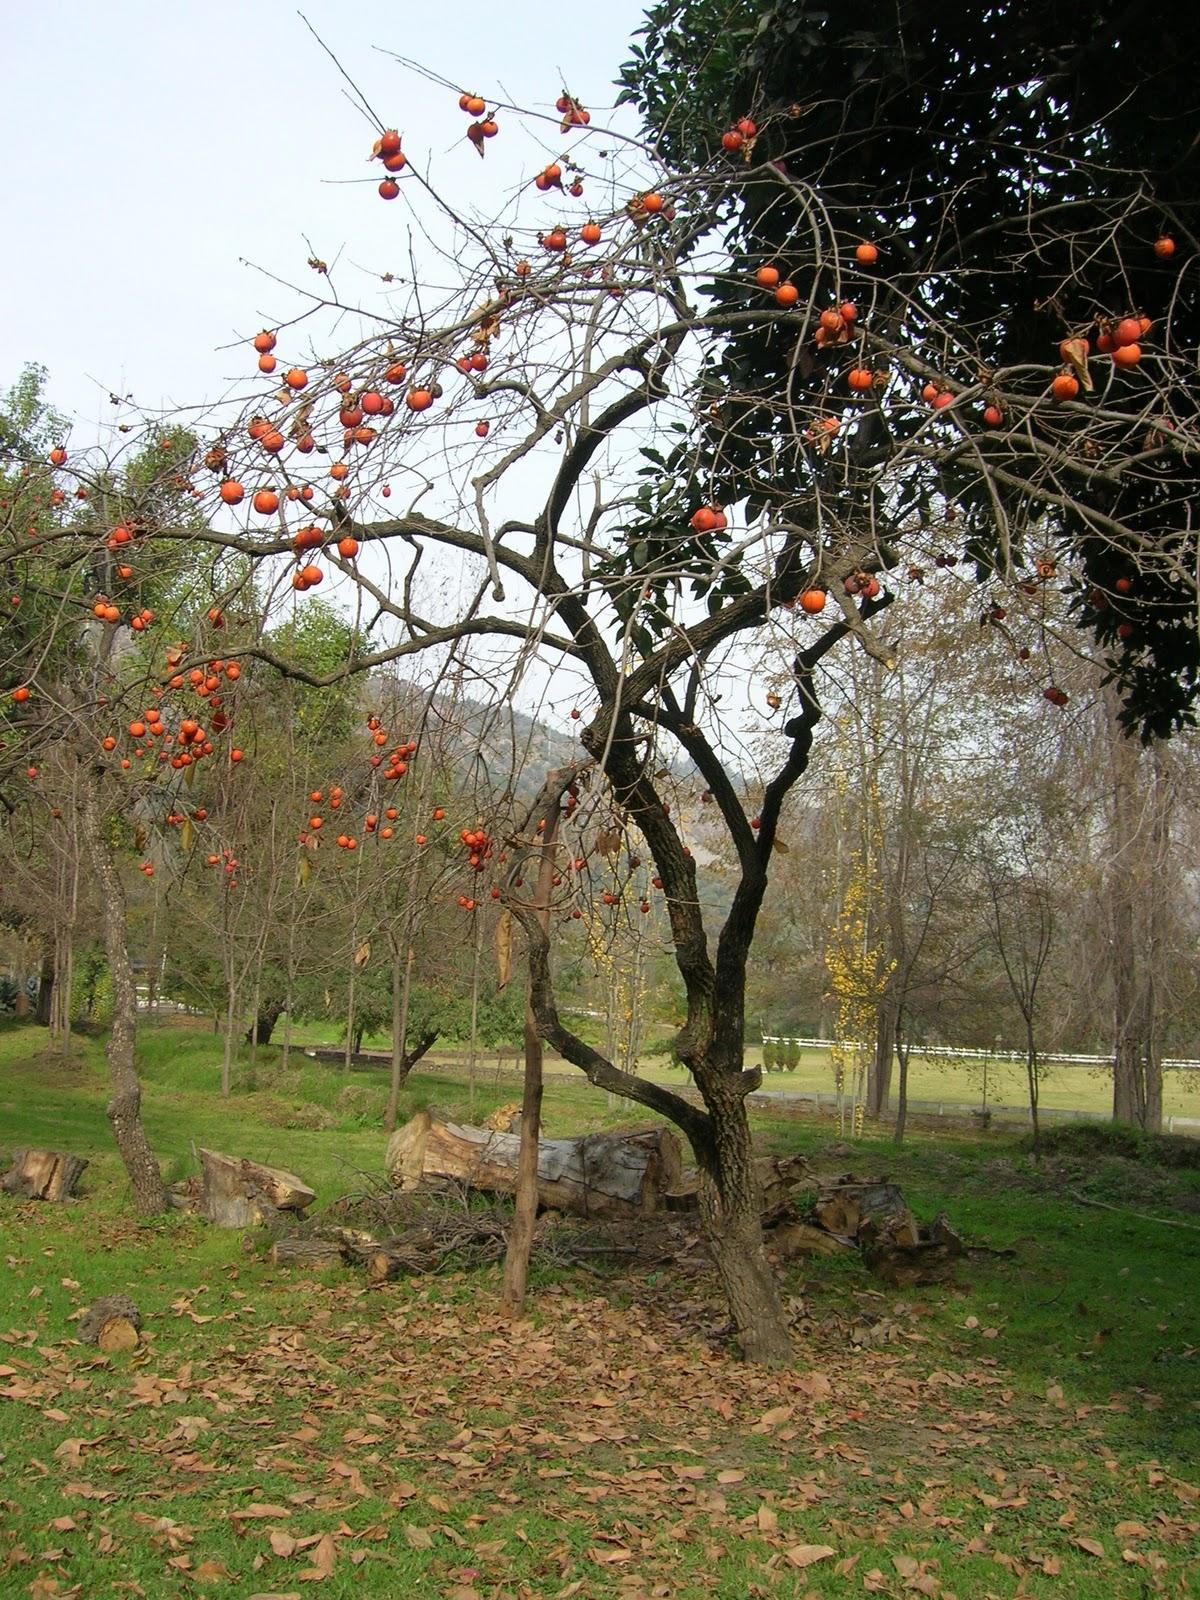 Darrigrandi y simunovic jardineria fotos de maria francisca for Jardineros a domicilio